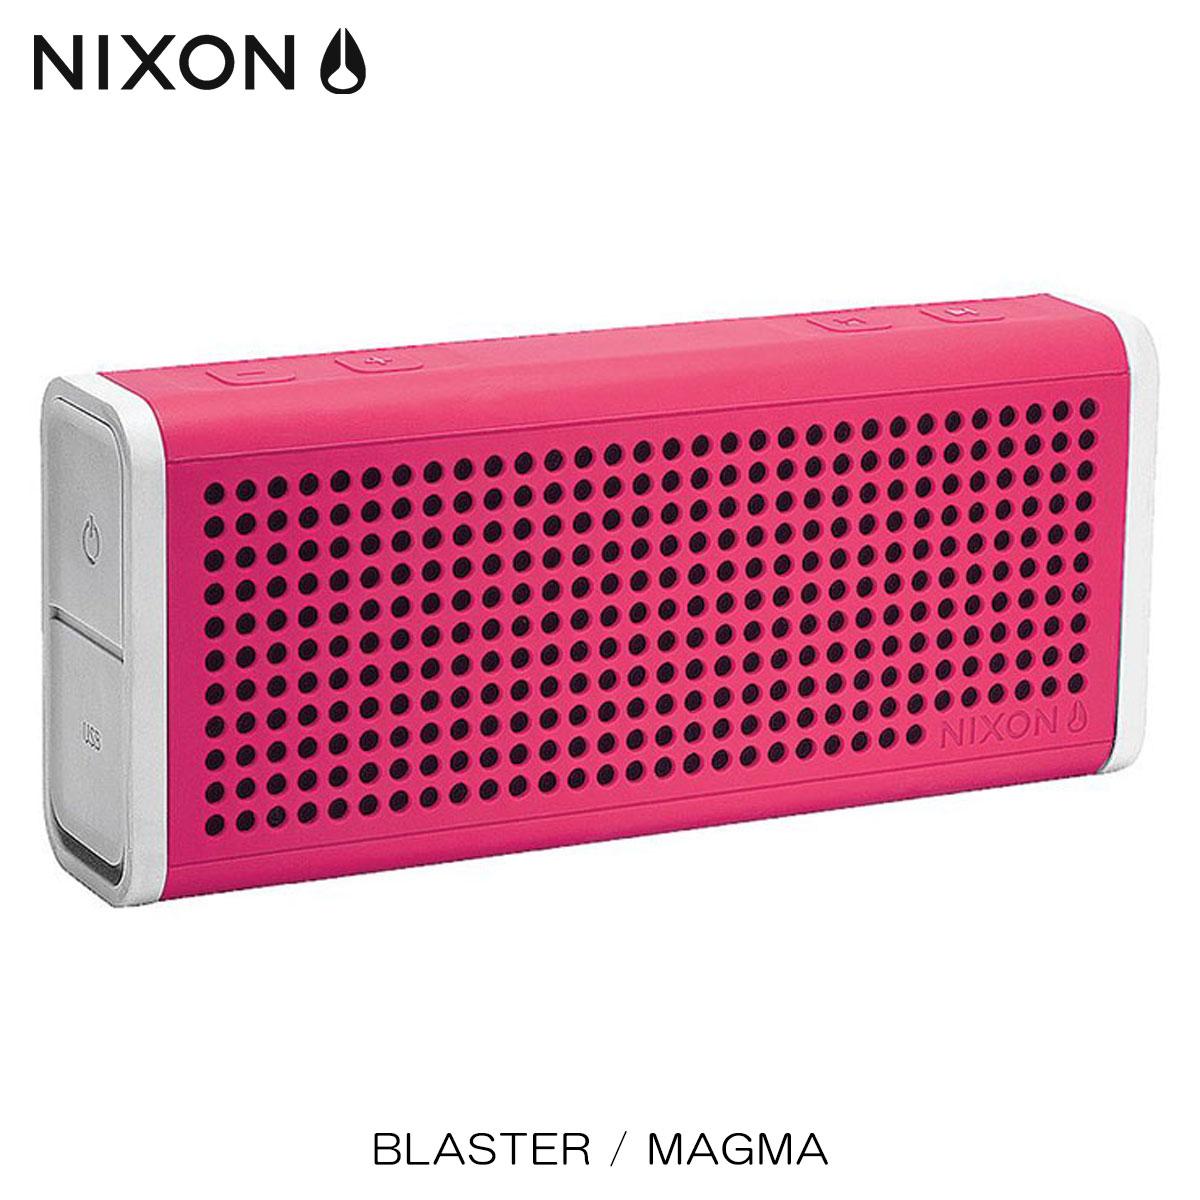 ニクソン NIXON 正規販売店 スピーカー BLASTER / MAGMA NH0281810-00 D00S20